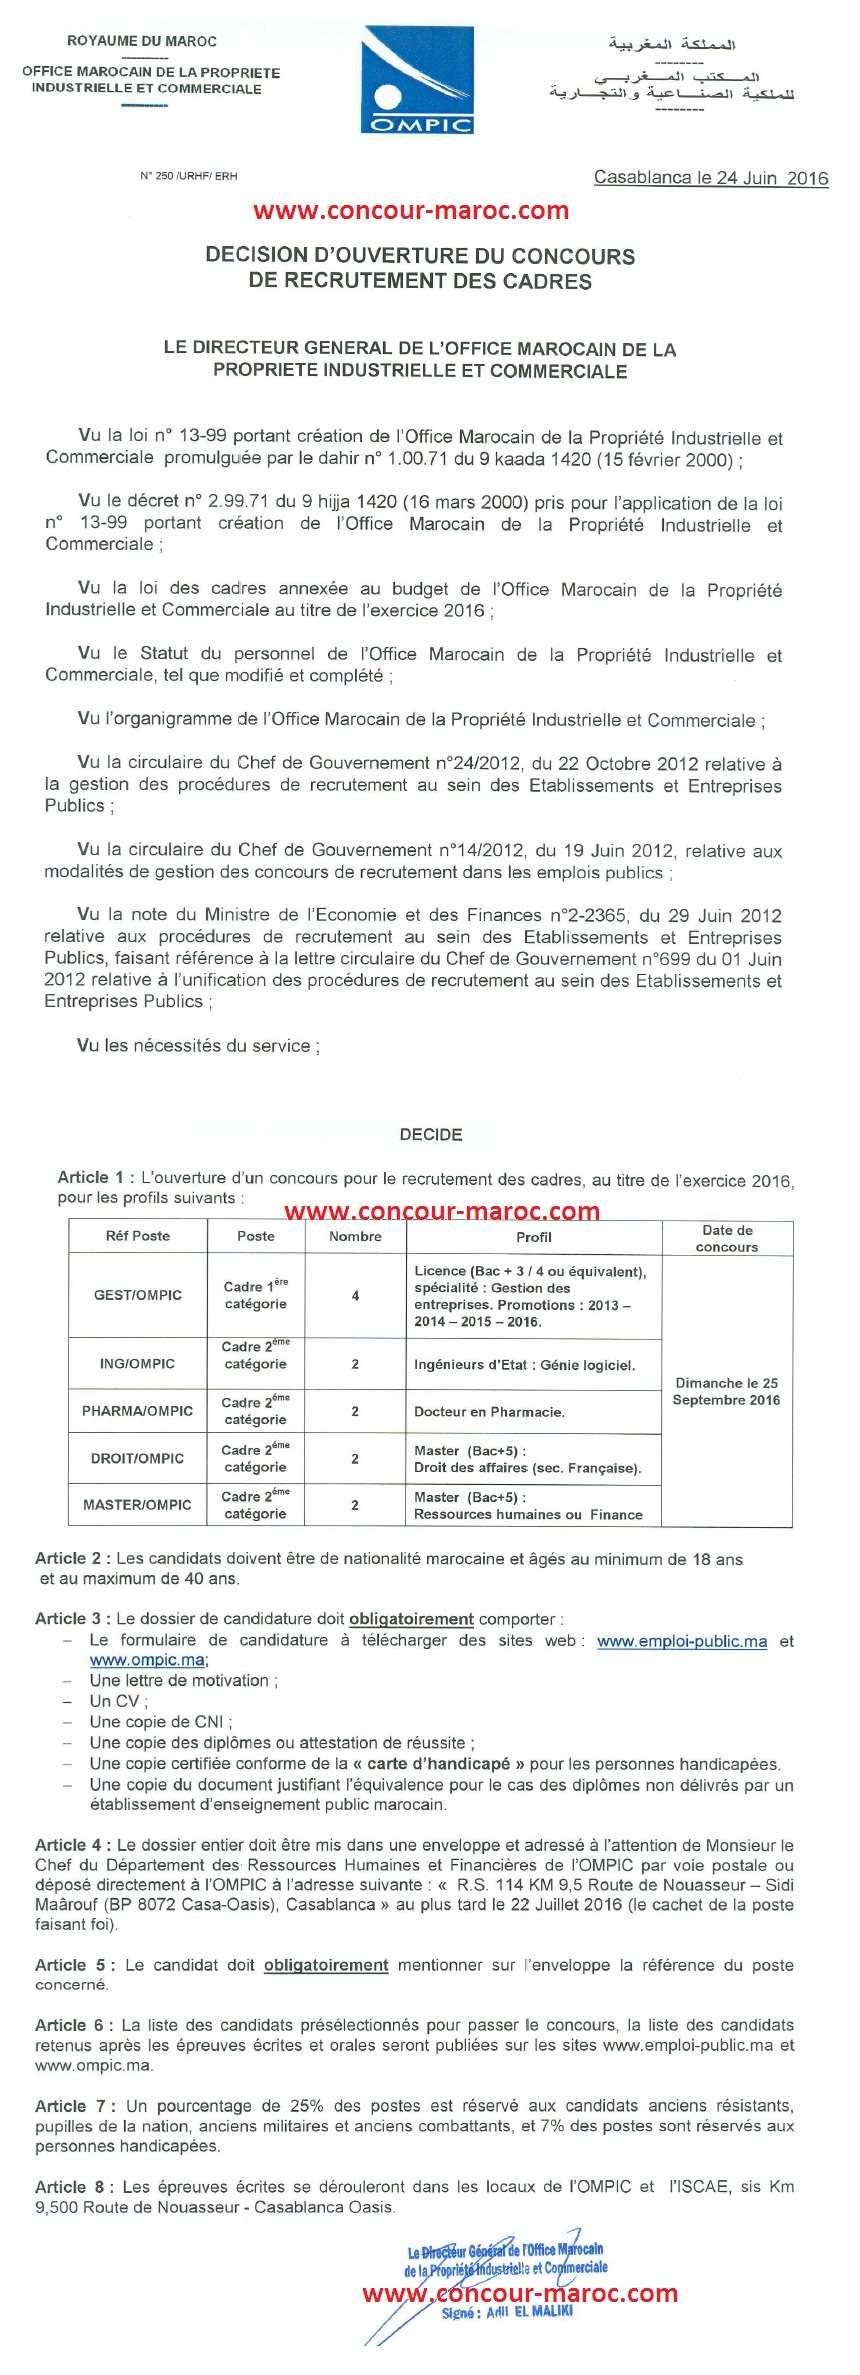 المكتب المغربي للملكية الصناعية والتجارية : مباراة لتوظيف اطار من الدرجة الثانية (8 مناصب) و إطار درجة أولى (4 مناصب) آخر أجل لإيداع الترشيحات 22 يوليوز 2016 Concou47